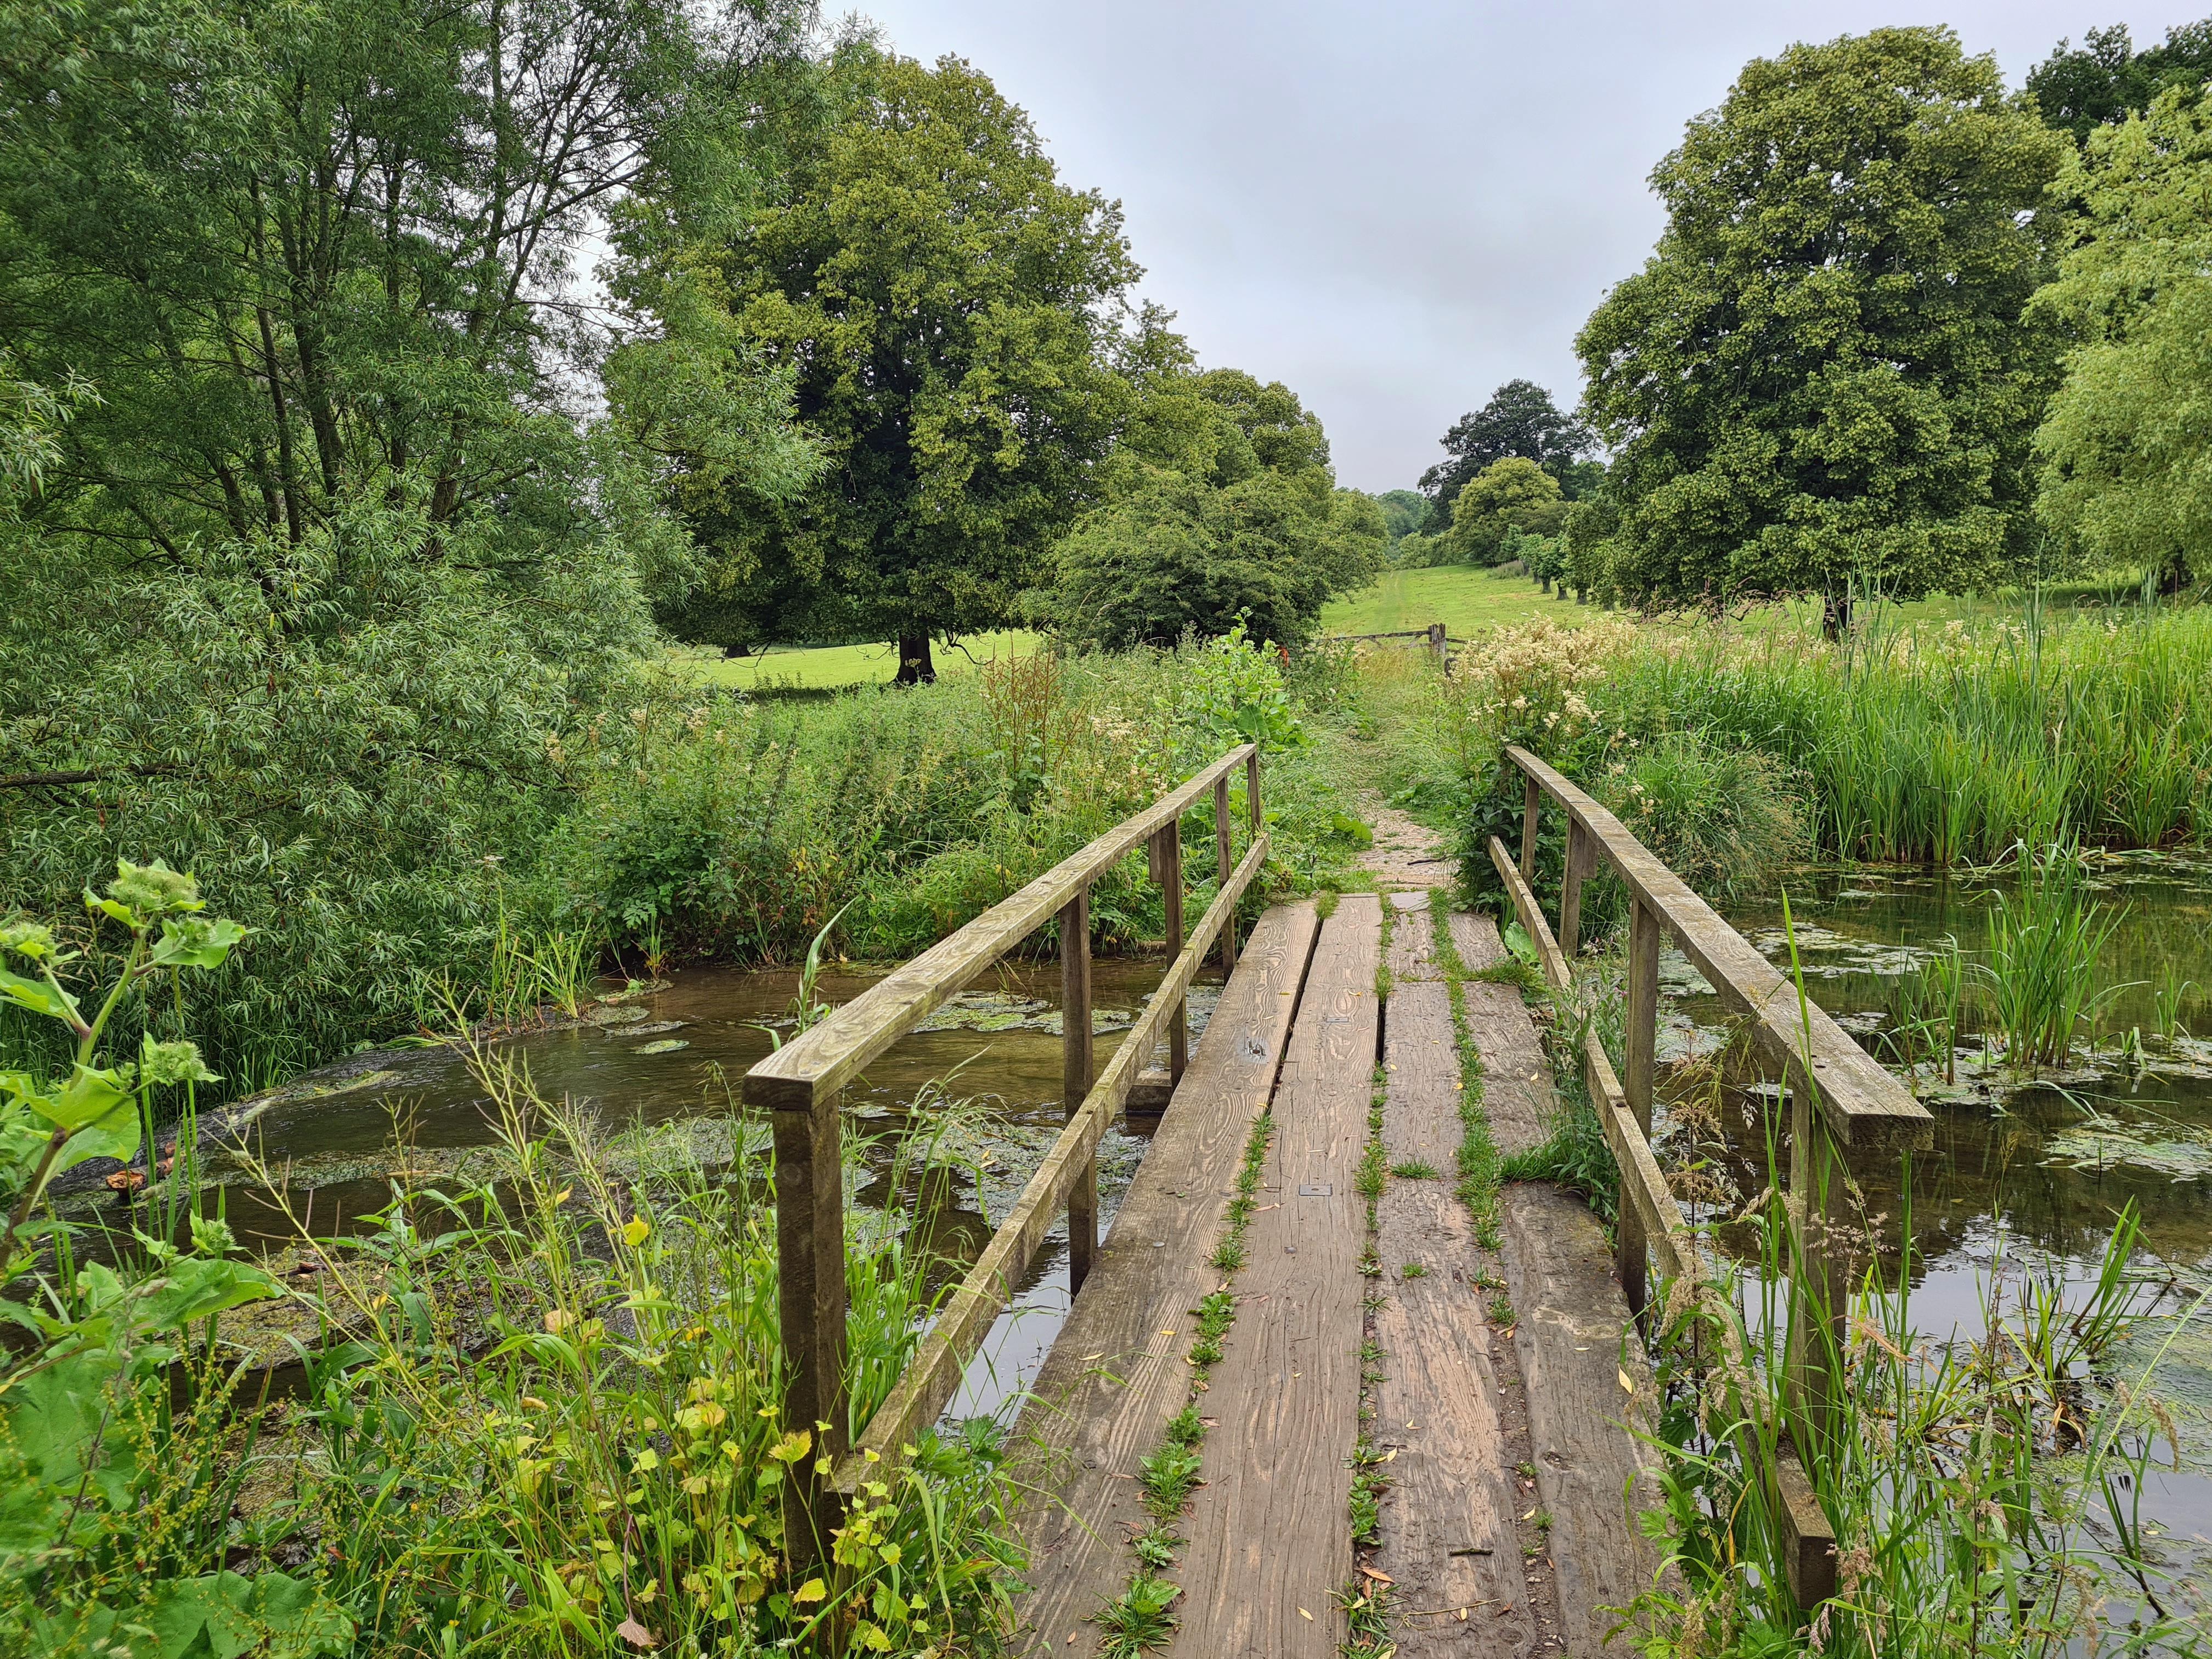 'The Lake' in Londesborough Park